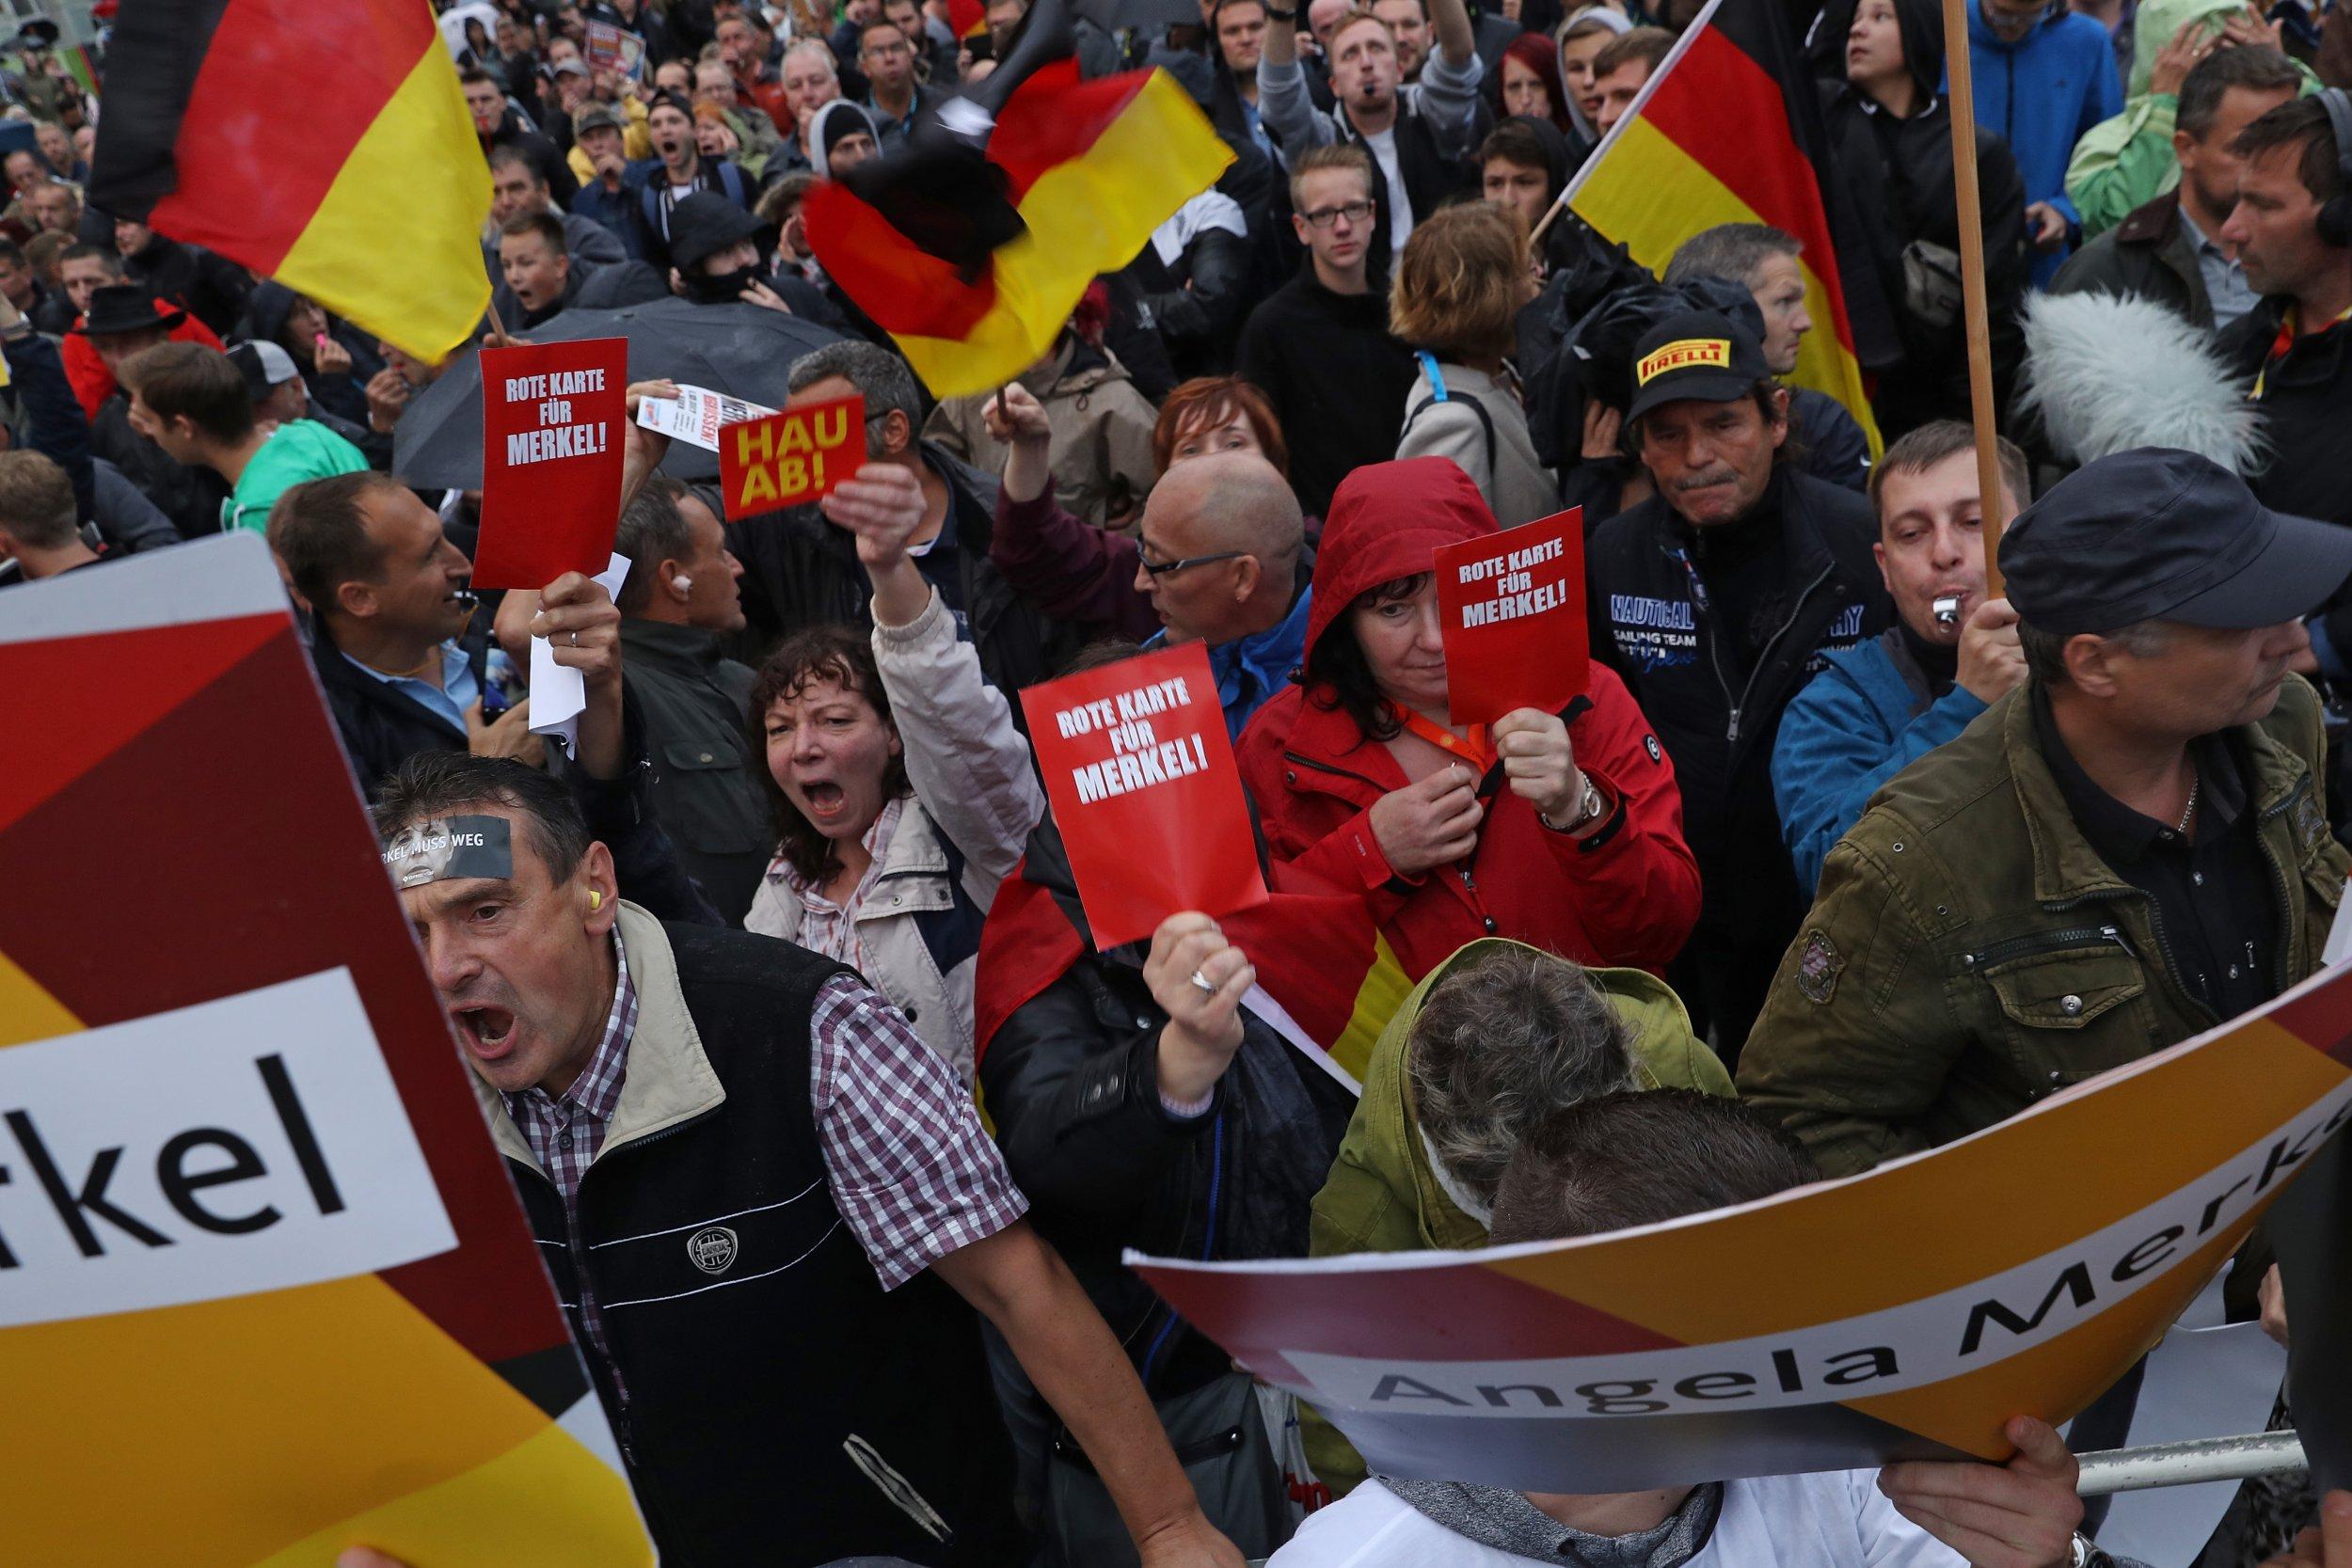 09_08_Merkel_Refugees_Protest